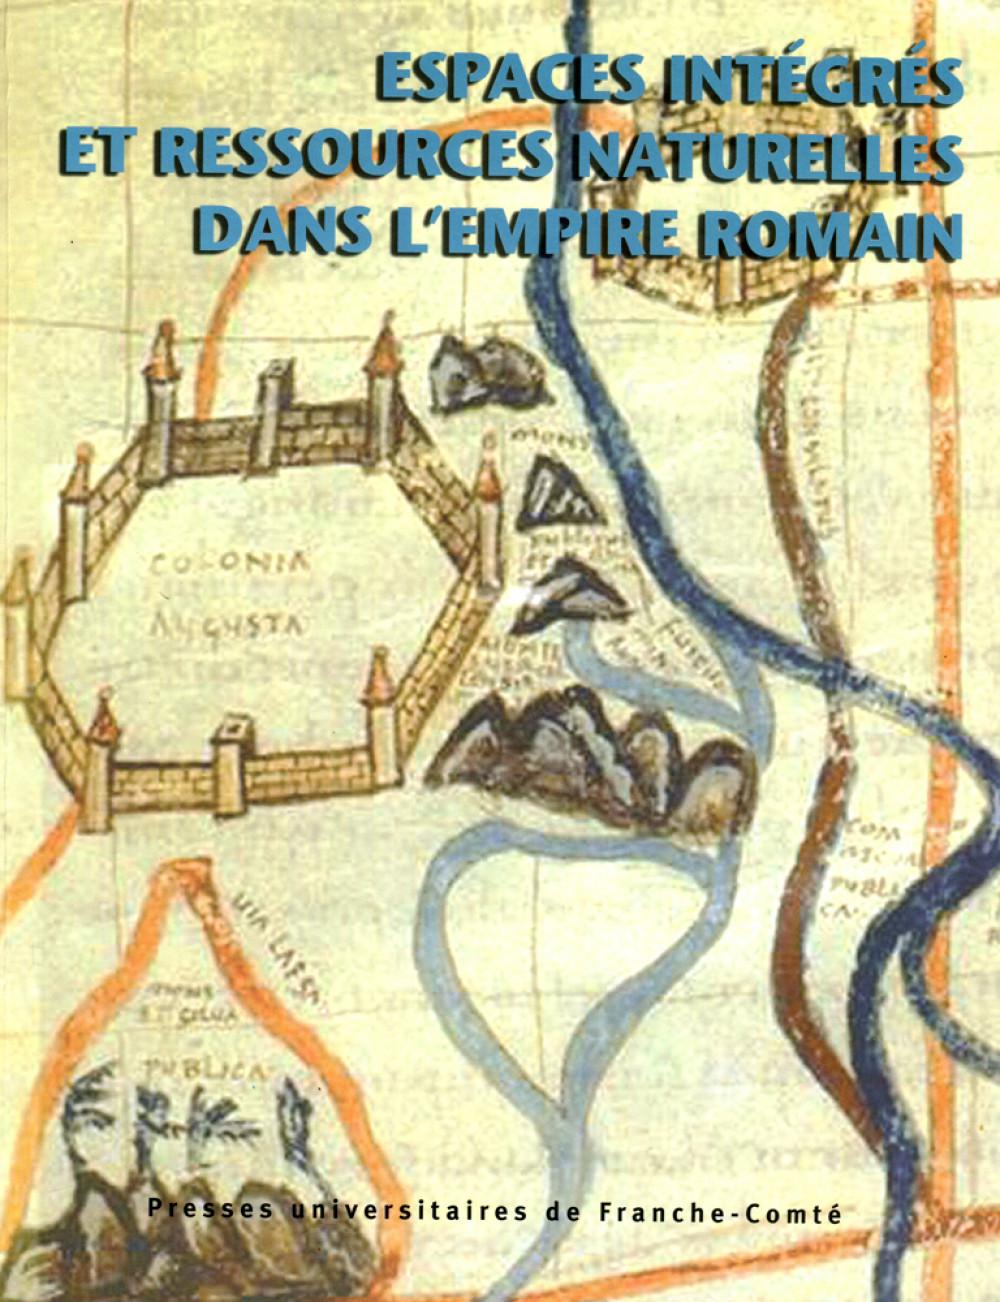 Espaces intégrés et ressources naturelles dans l'empire romain